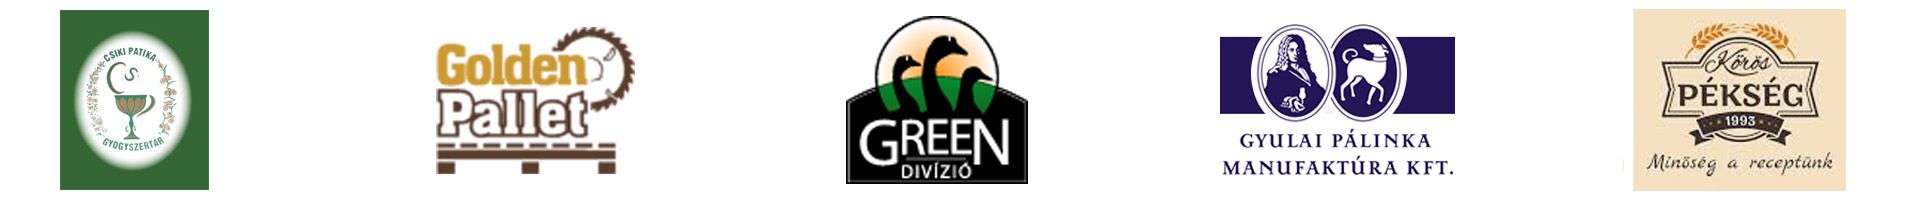 partner-logo-slide-2